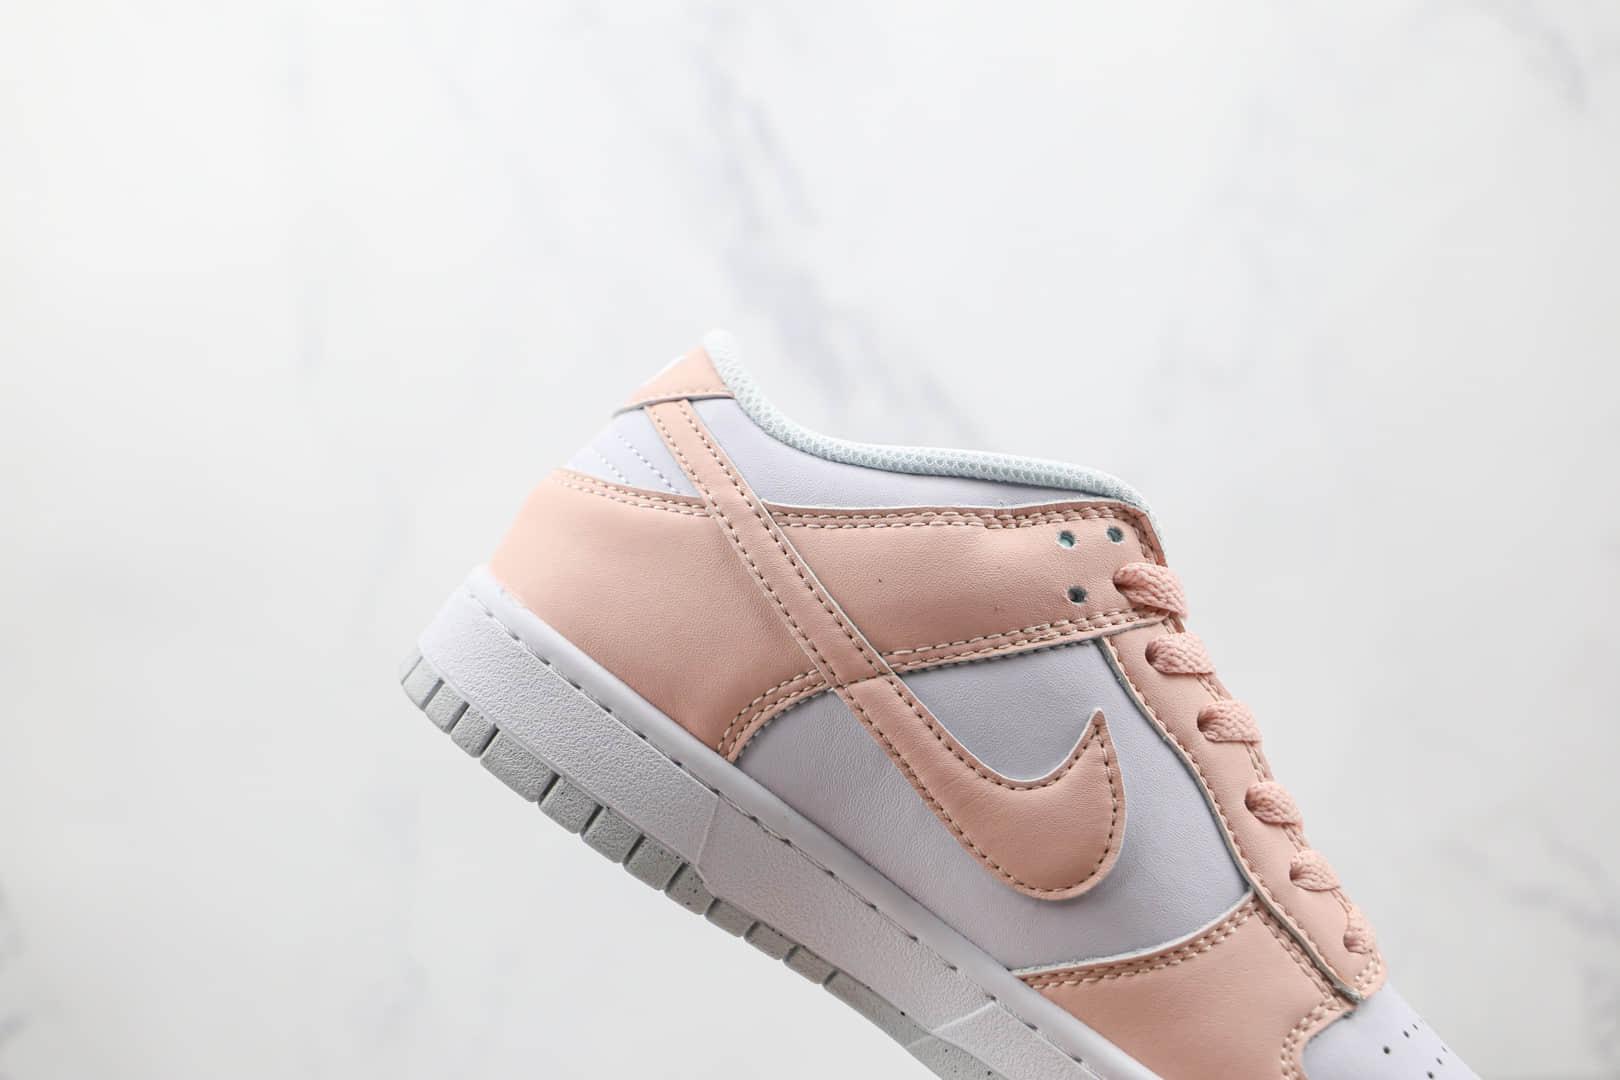 耐克Nike SB Dunk Low Next Nature纯原版本低帮SB DUNK白粉色板鞋原档案数据开发 货号:DD1873-100